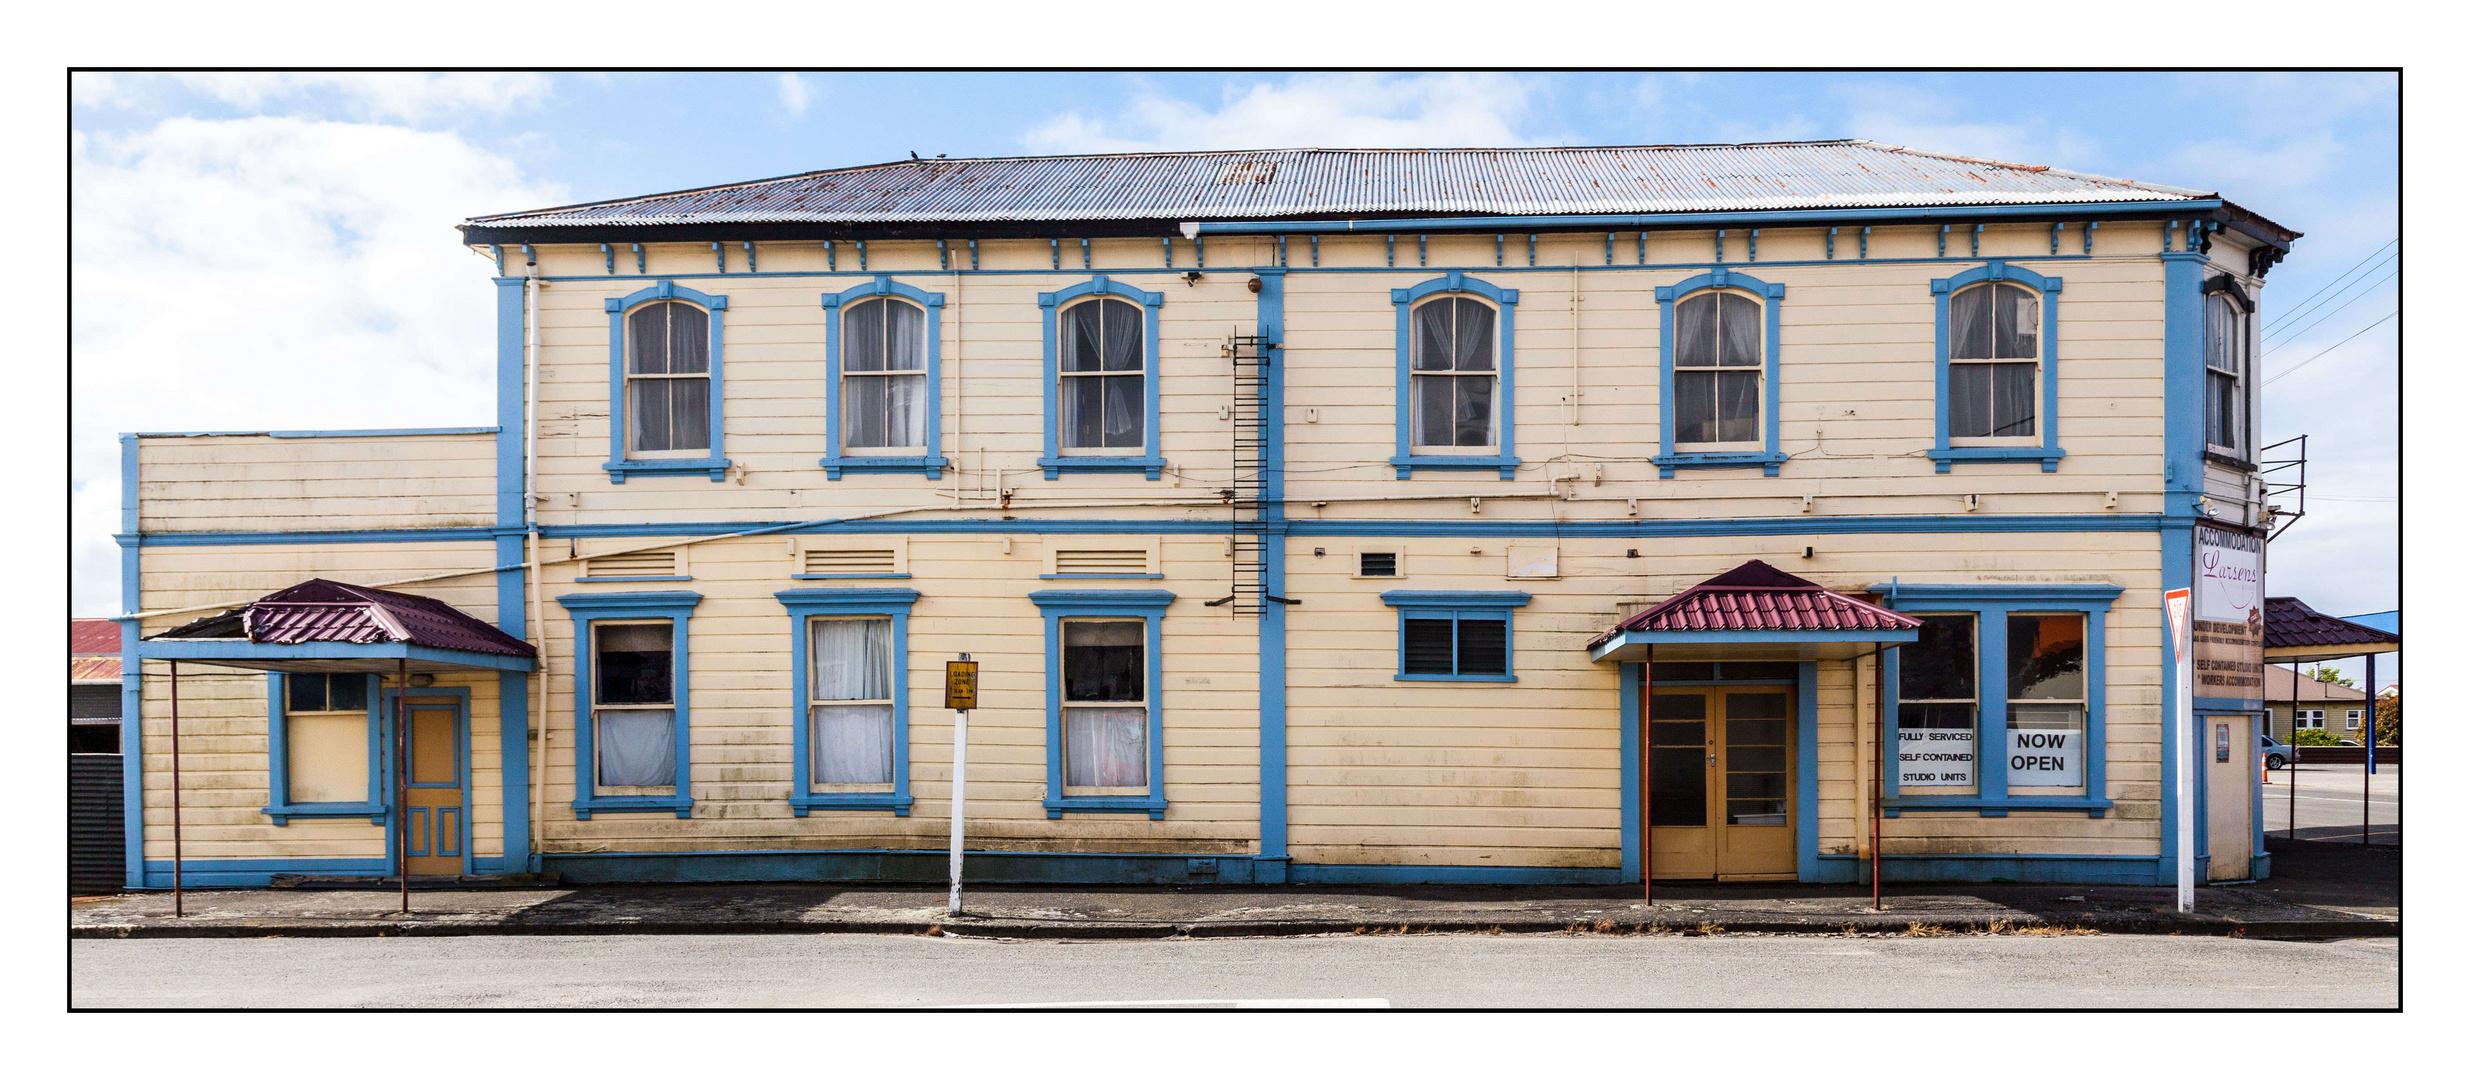 Westport / New Zealand